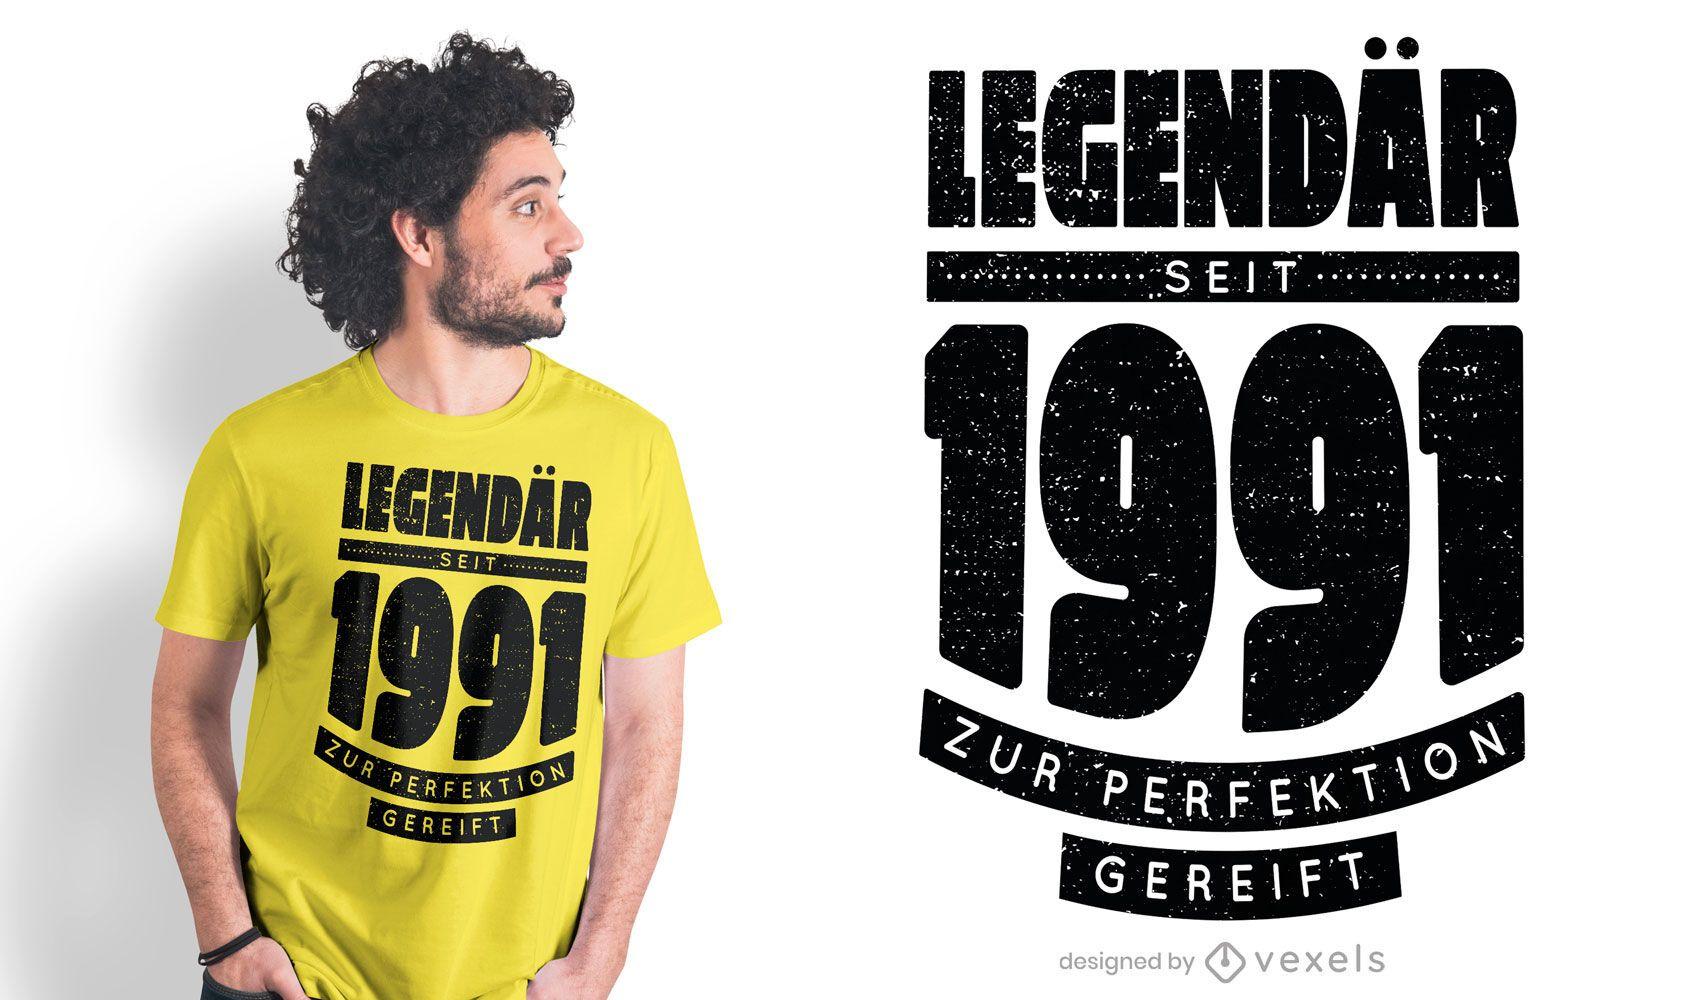 Legendary since 1991 t-shirt design